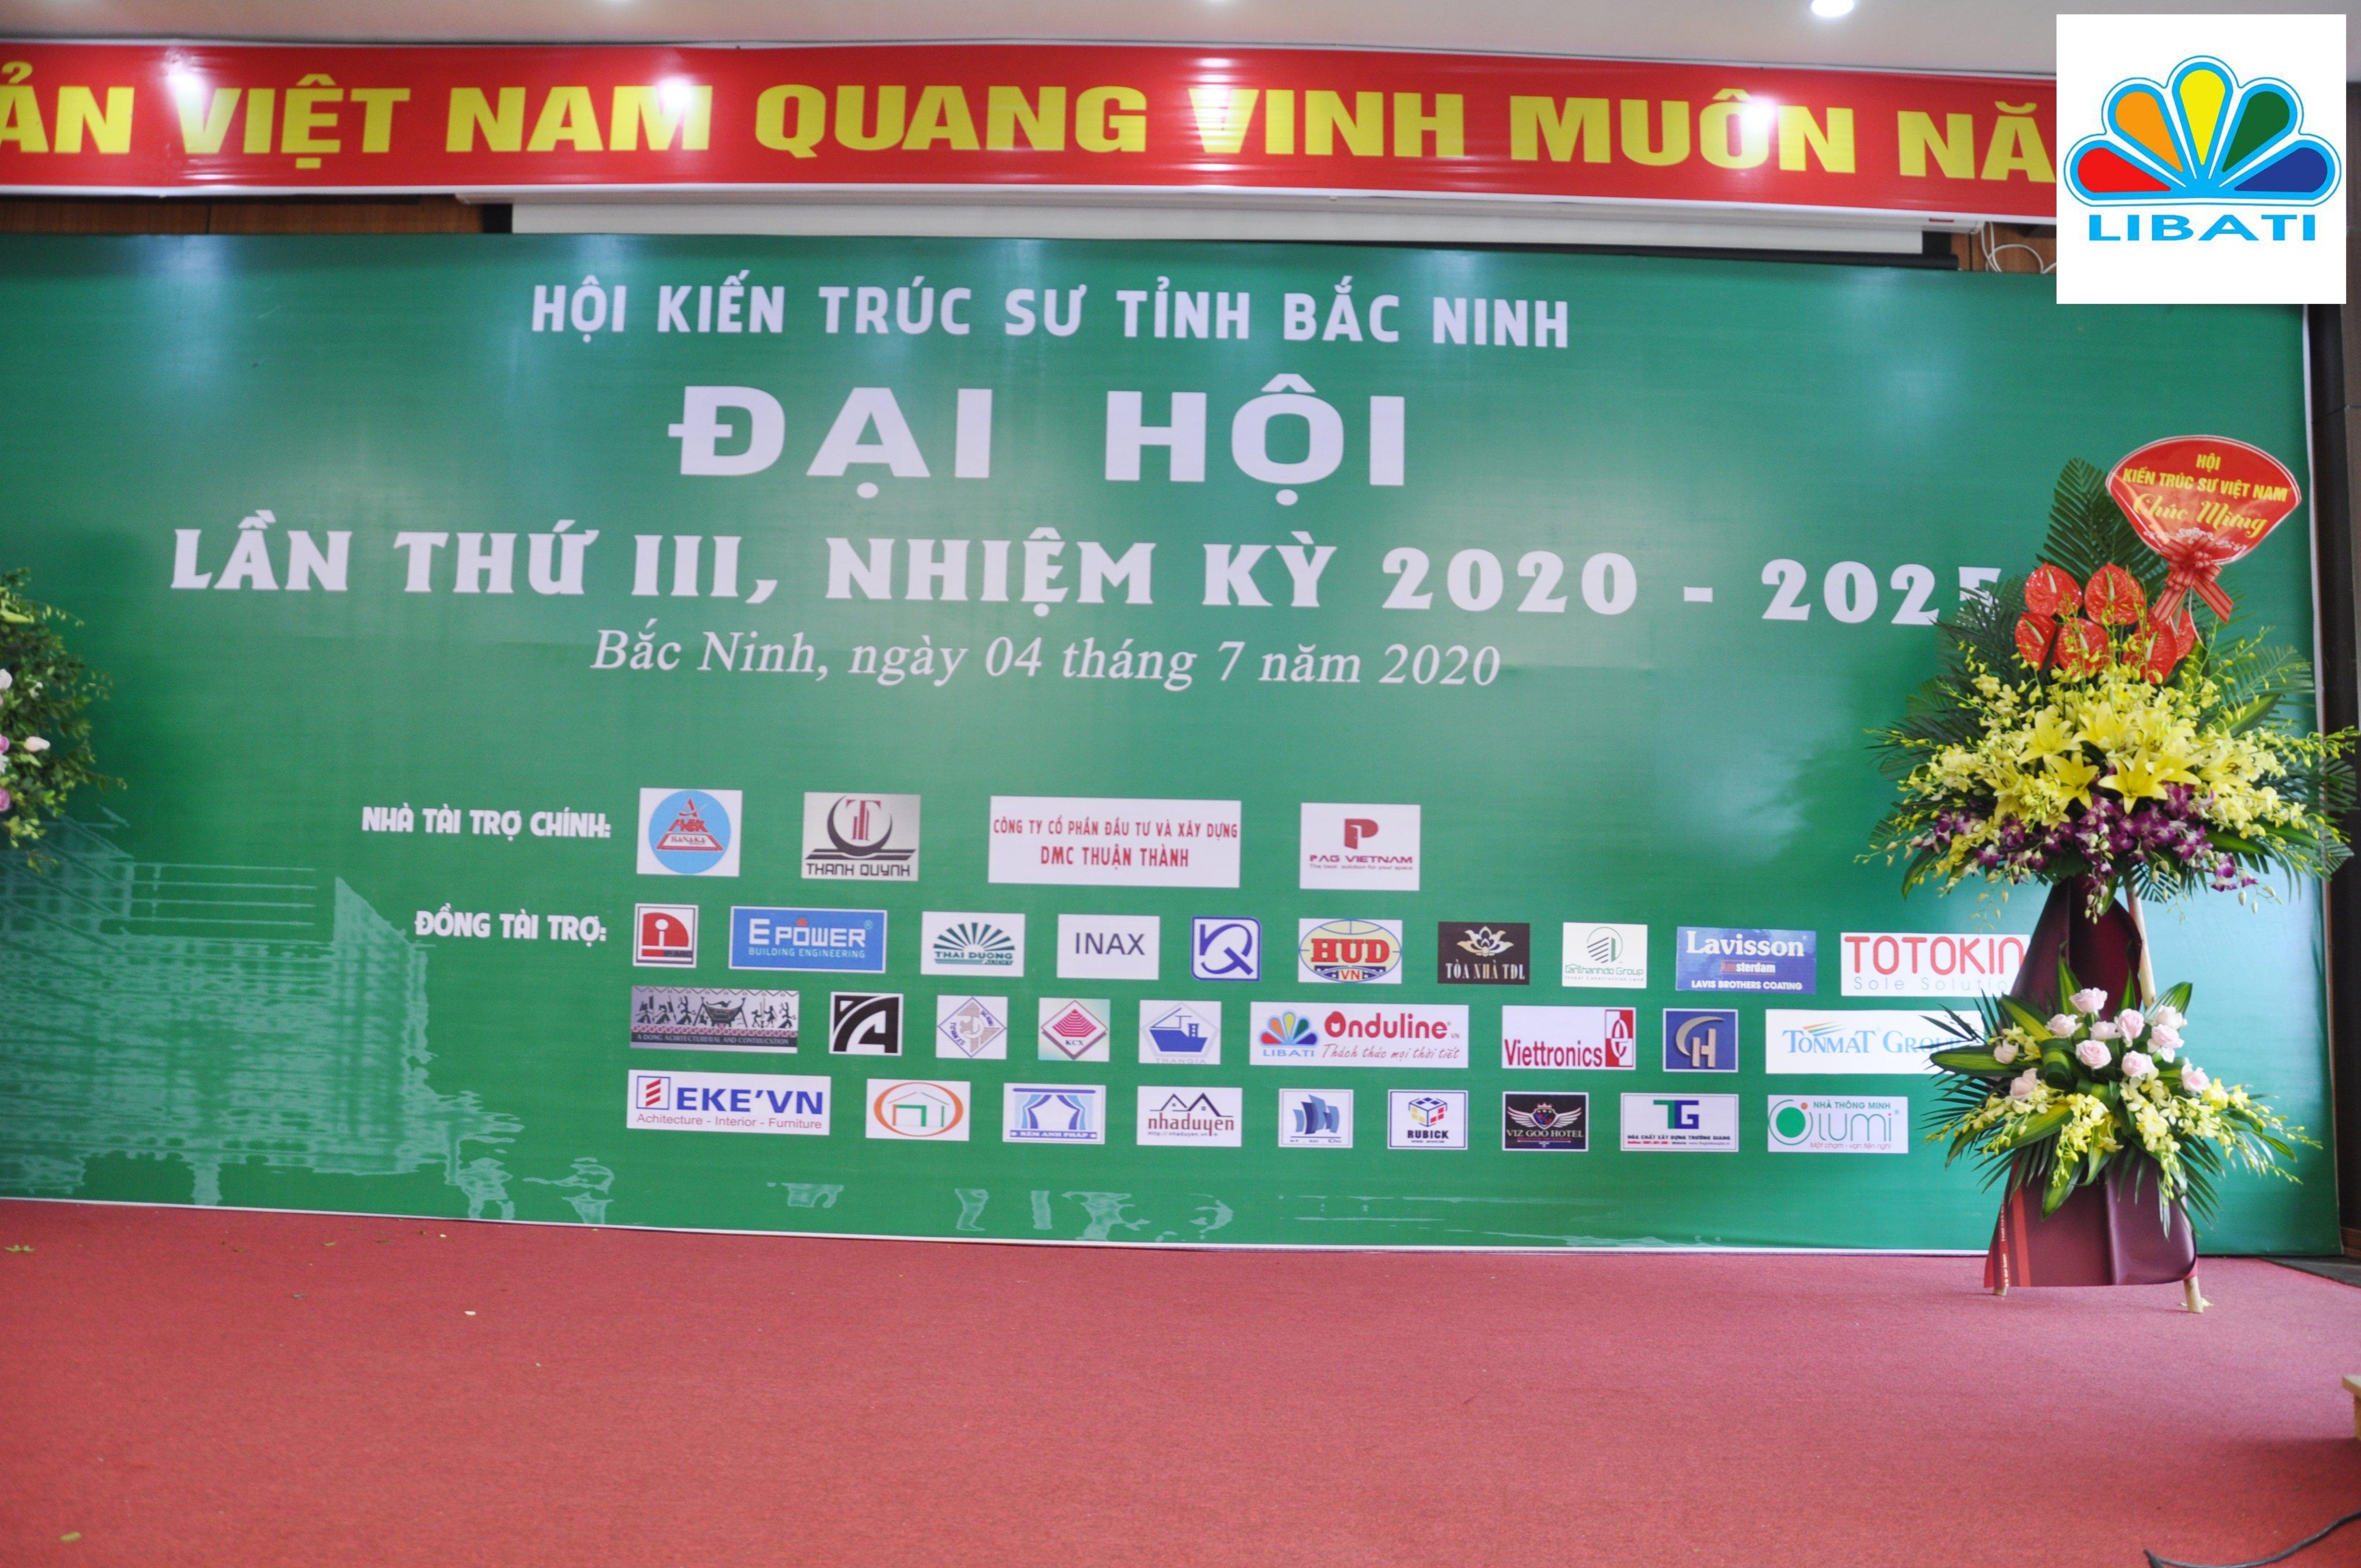 Onduline đồng hành cùng Hội kiến trúc sư tỉnh Bắc Ninh.